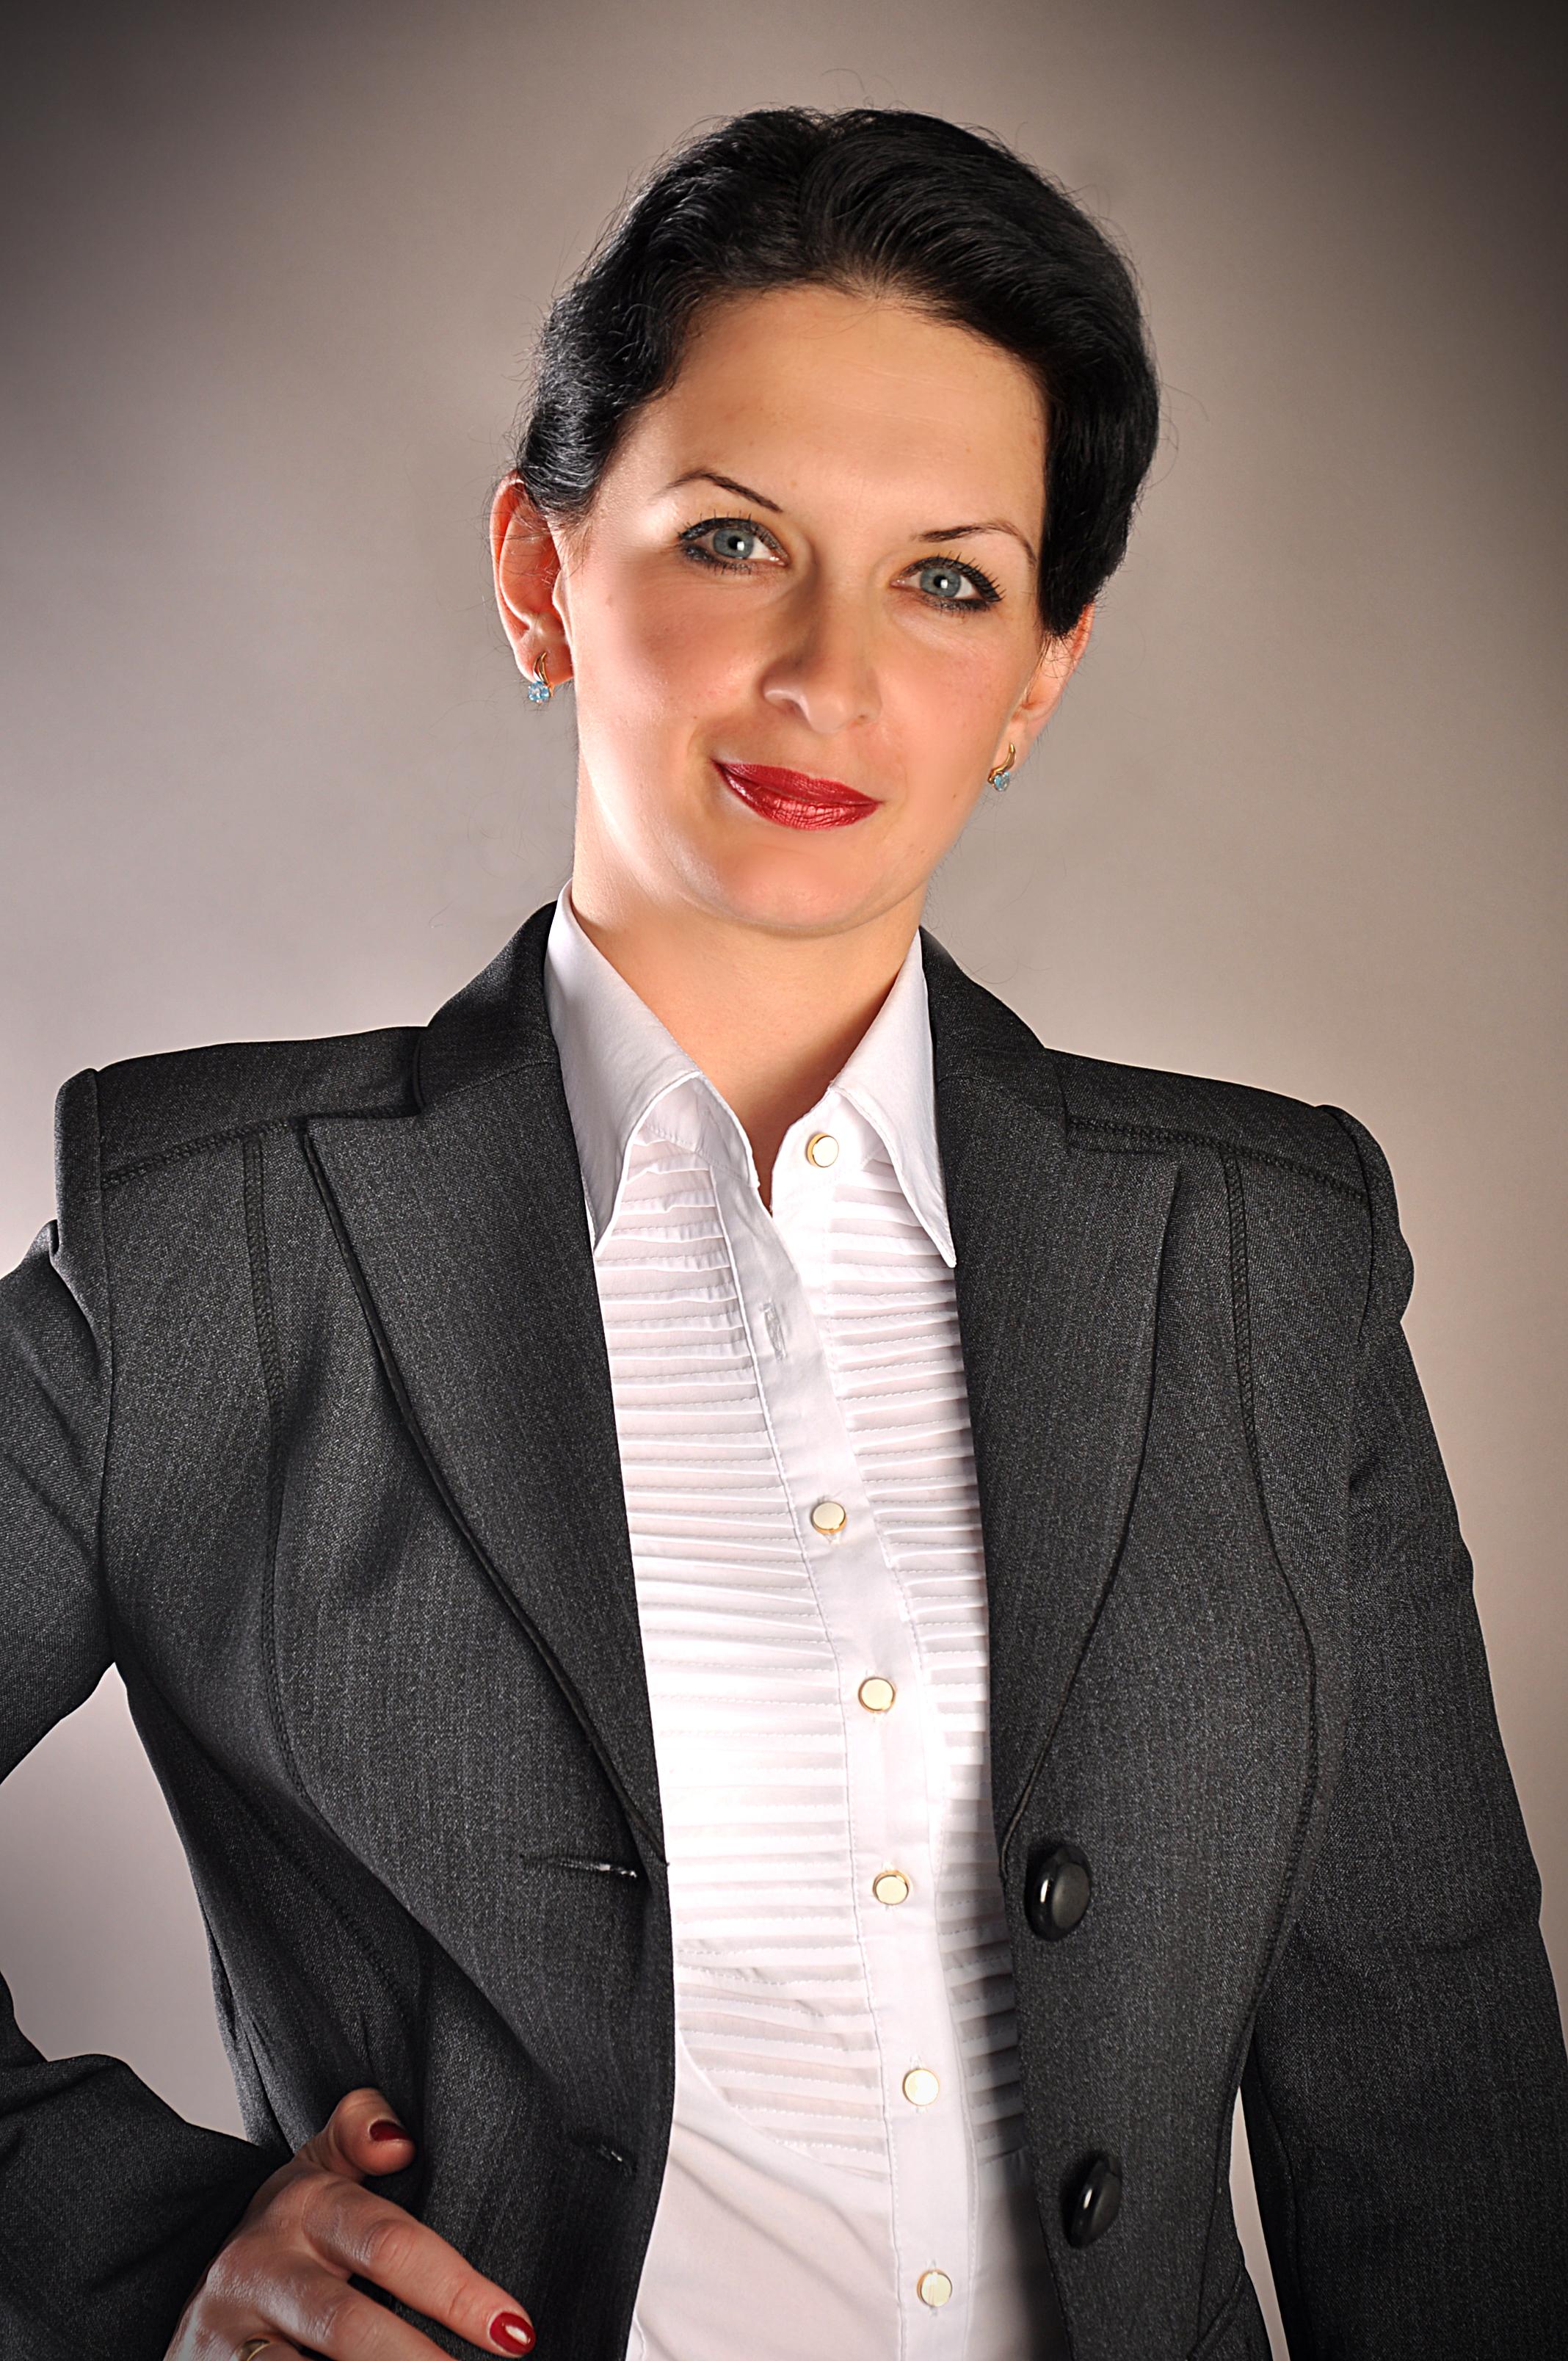 Малай Ольга Николаевна. Правила купли-продажи акций в акционерном обществе